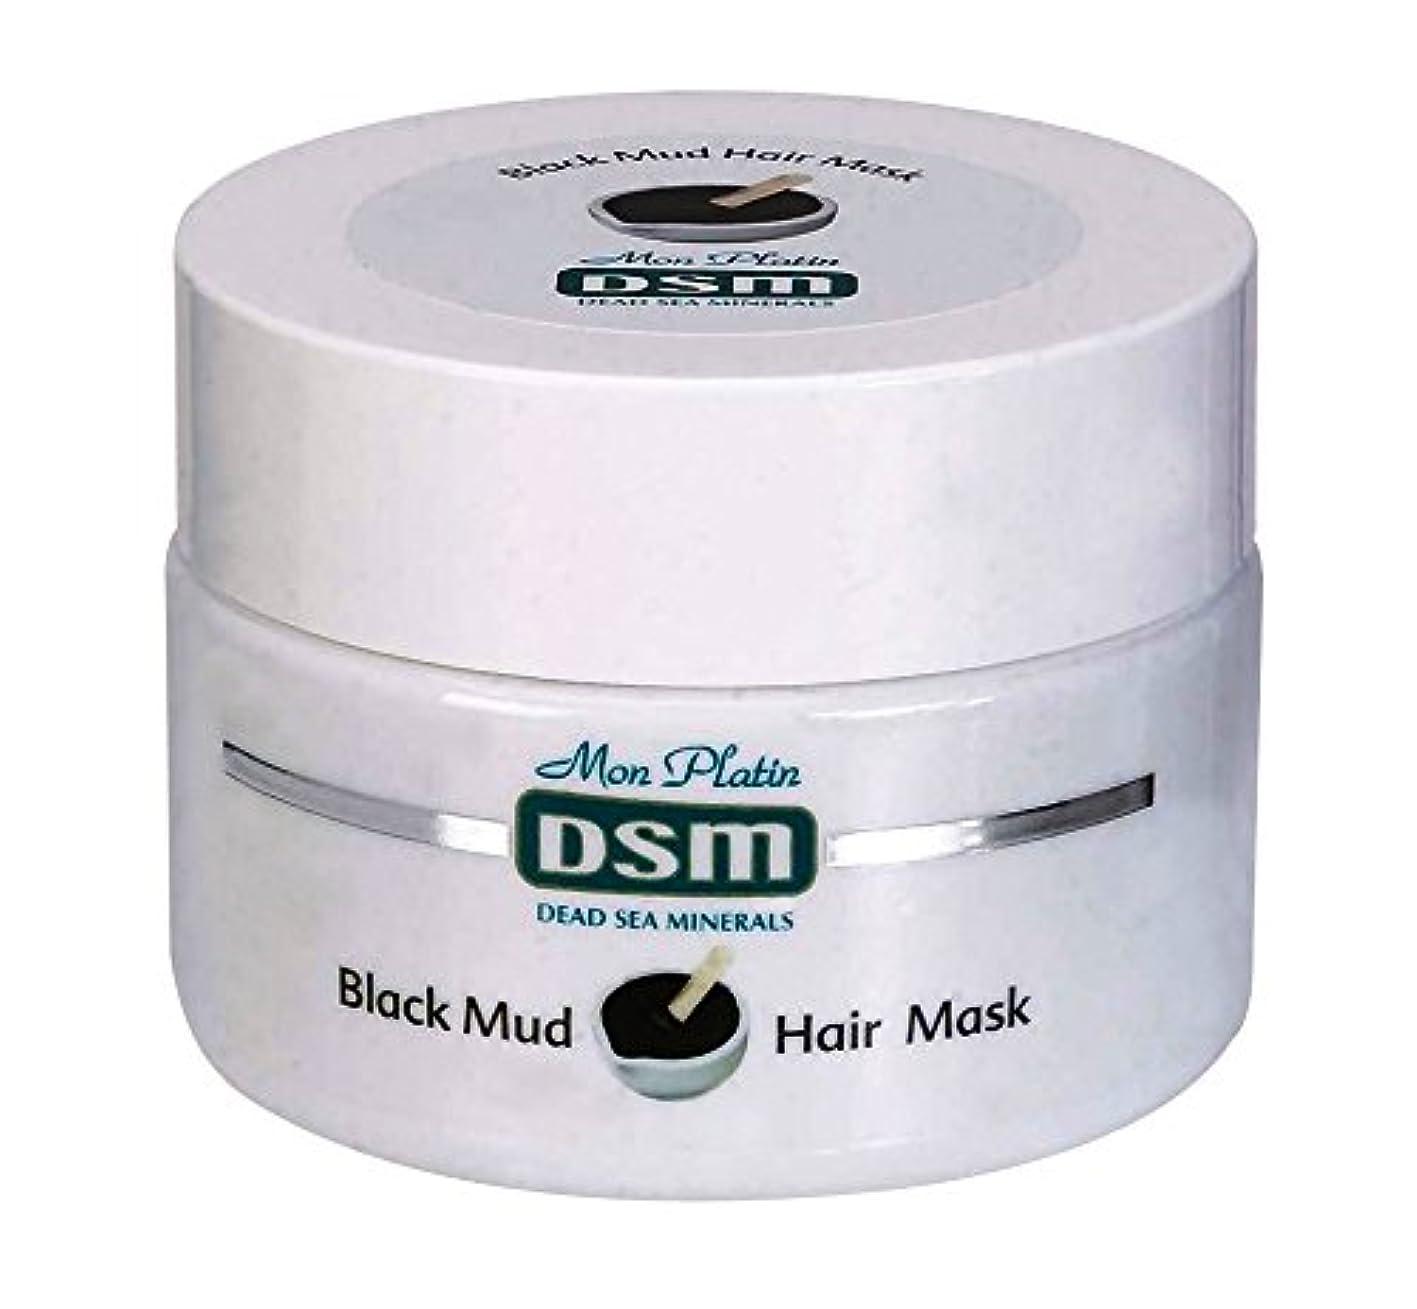 大砲地上でピーブ頭皮と髪のための髪の泥マスク 250mL 死海ミネラル 天然 お手入れ 美容 イスラエル 全皮膚タイプ ビタミン (Mud Hair Mask for Scalp & Hair)